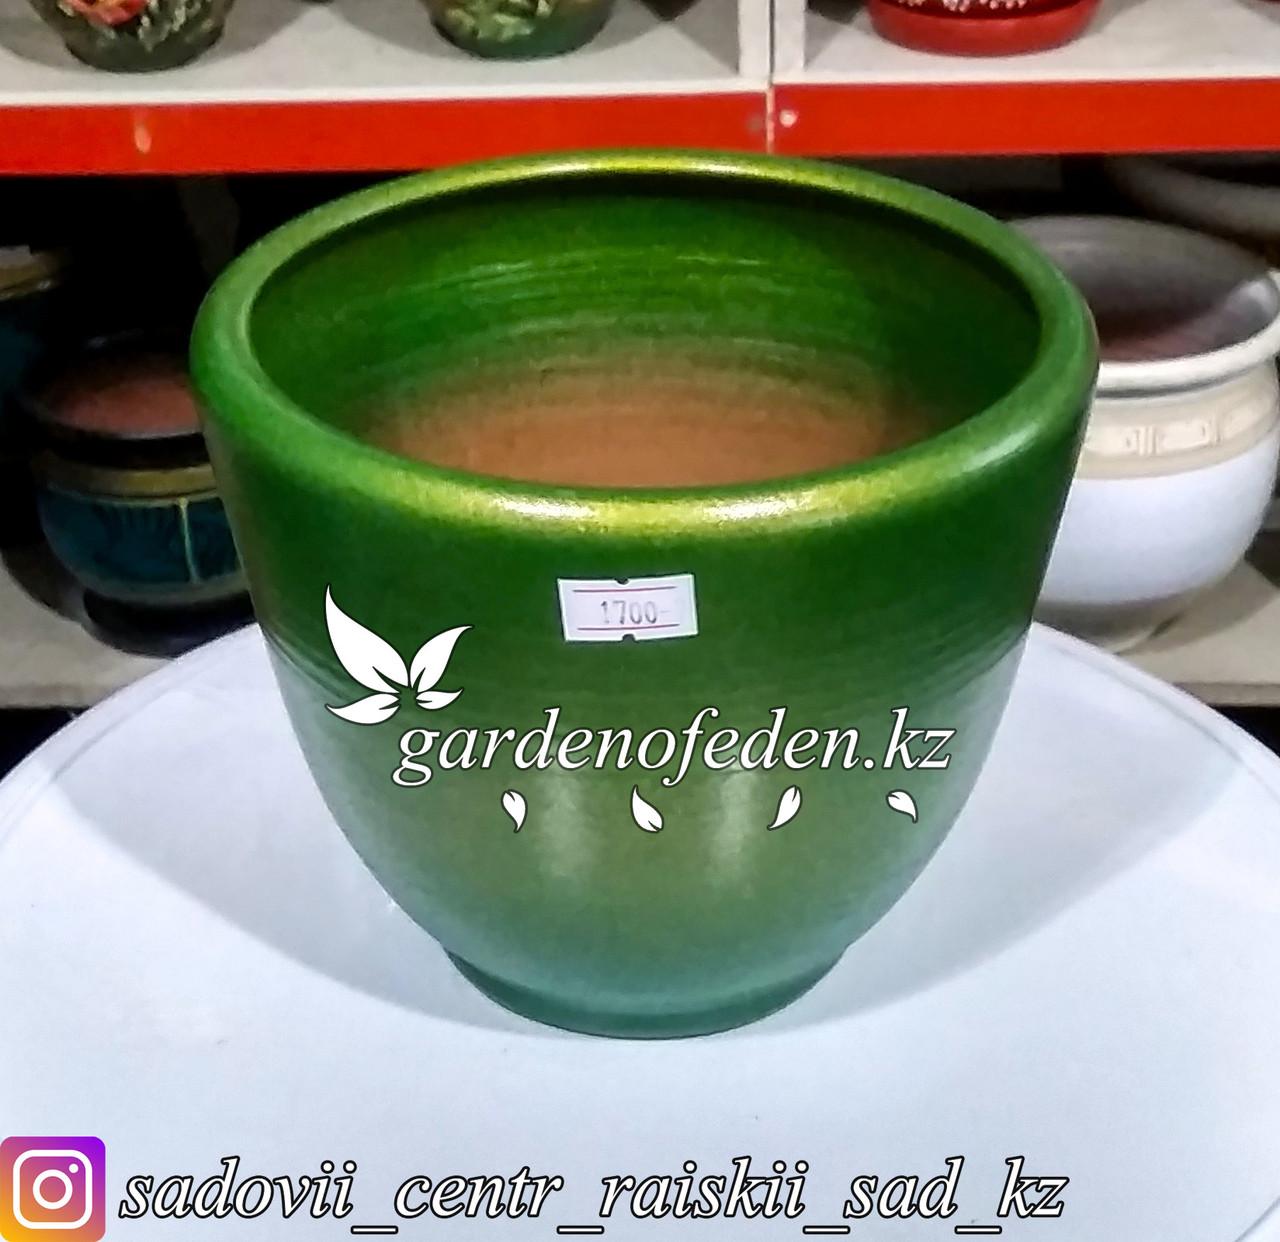 Керамический горшок для цветов. Объем: 1л. Цвет: Зеленый.